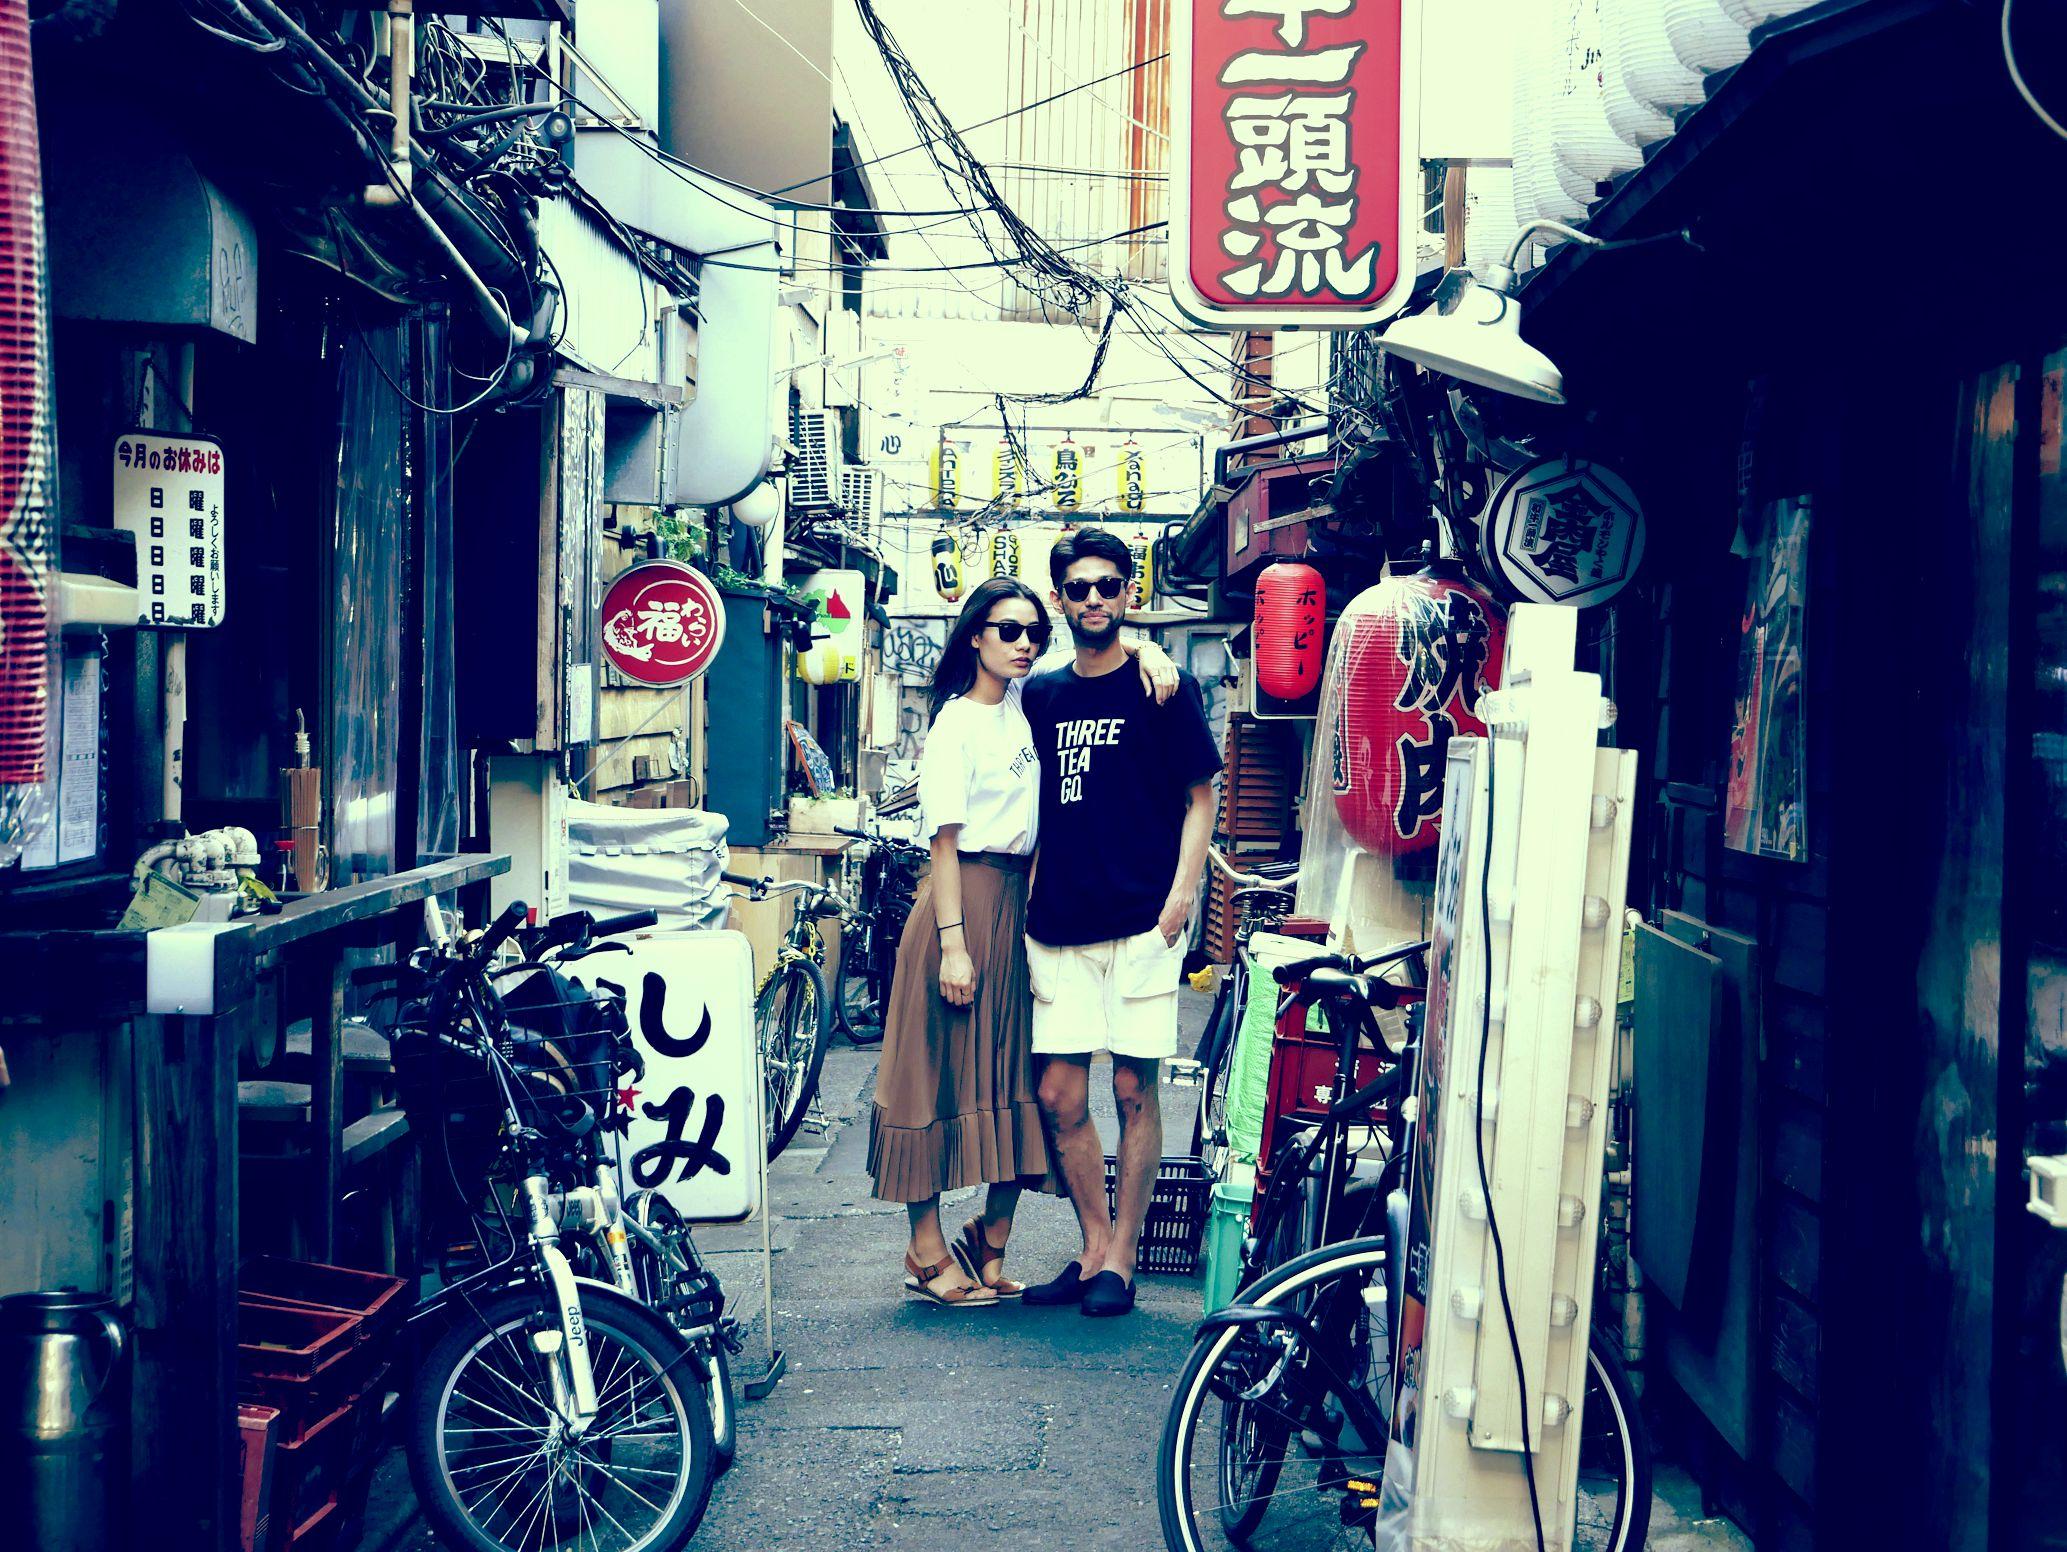 三軒茶屋の街を歩く